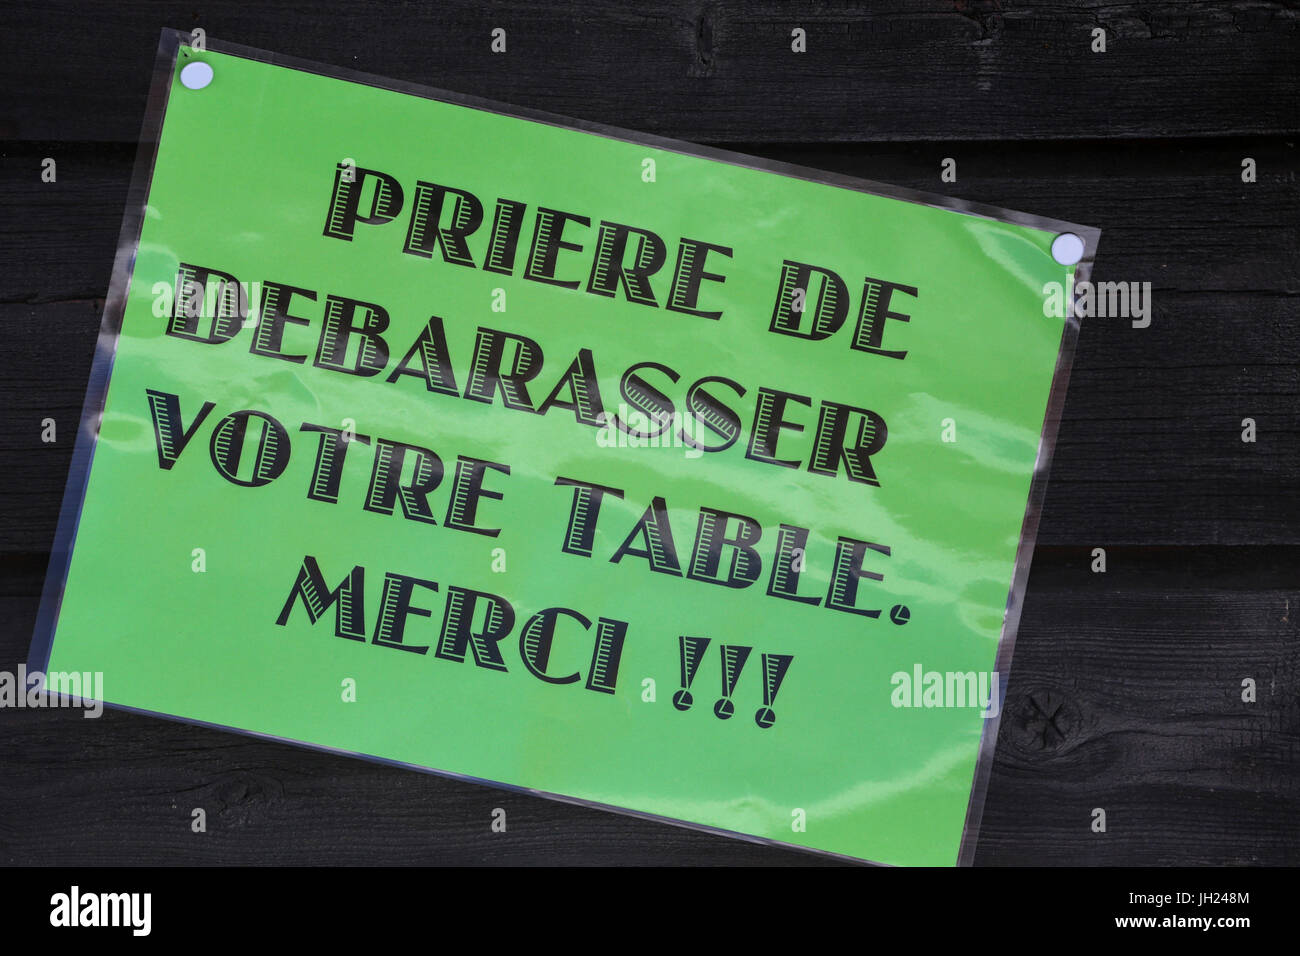 Limpiar uo su tabla. Restaurante firmar. Francia. Imagen De Stock